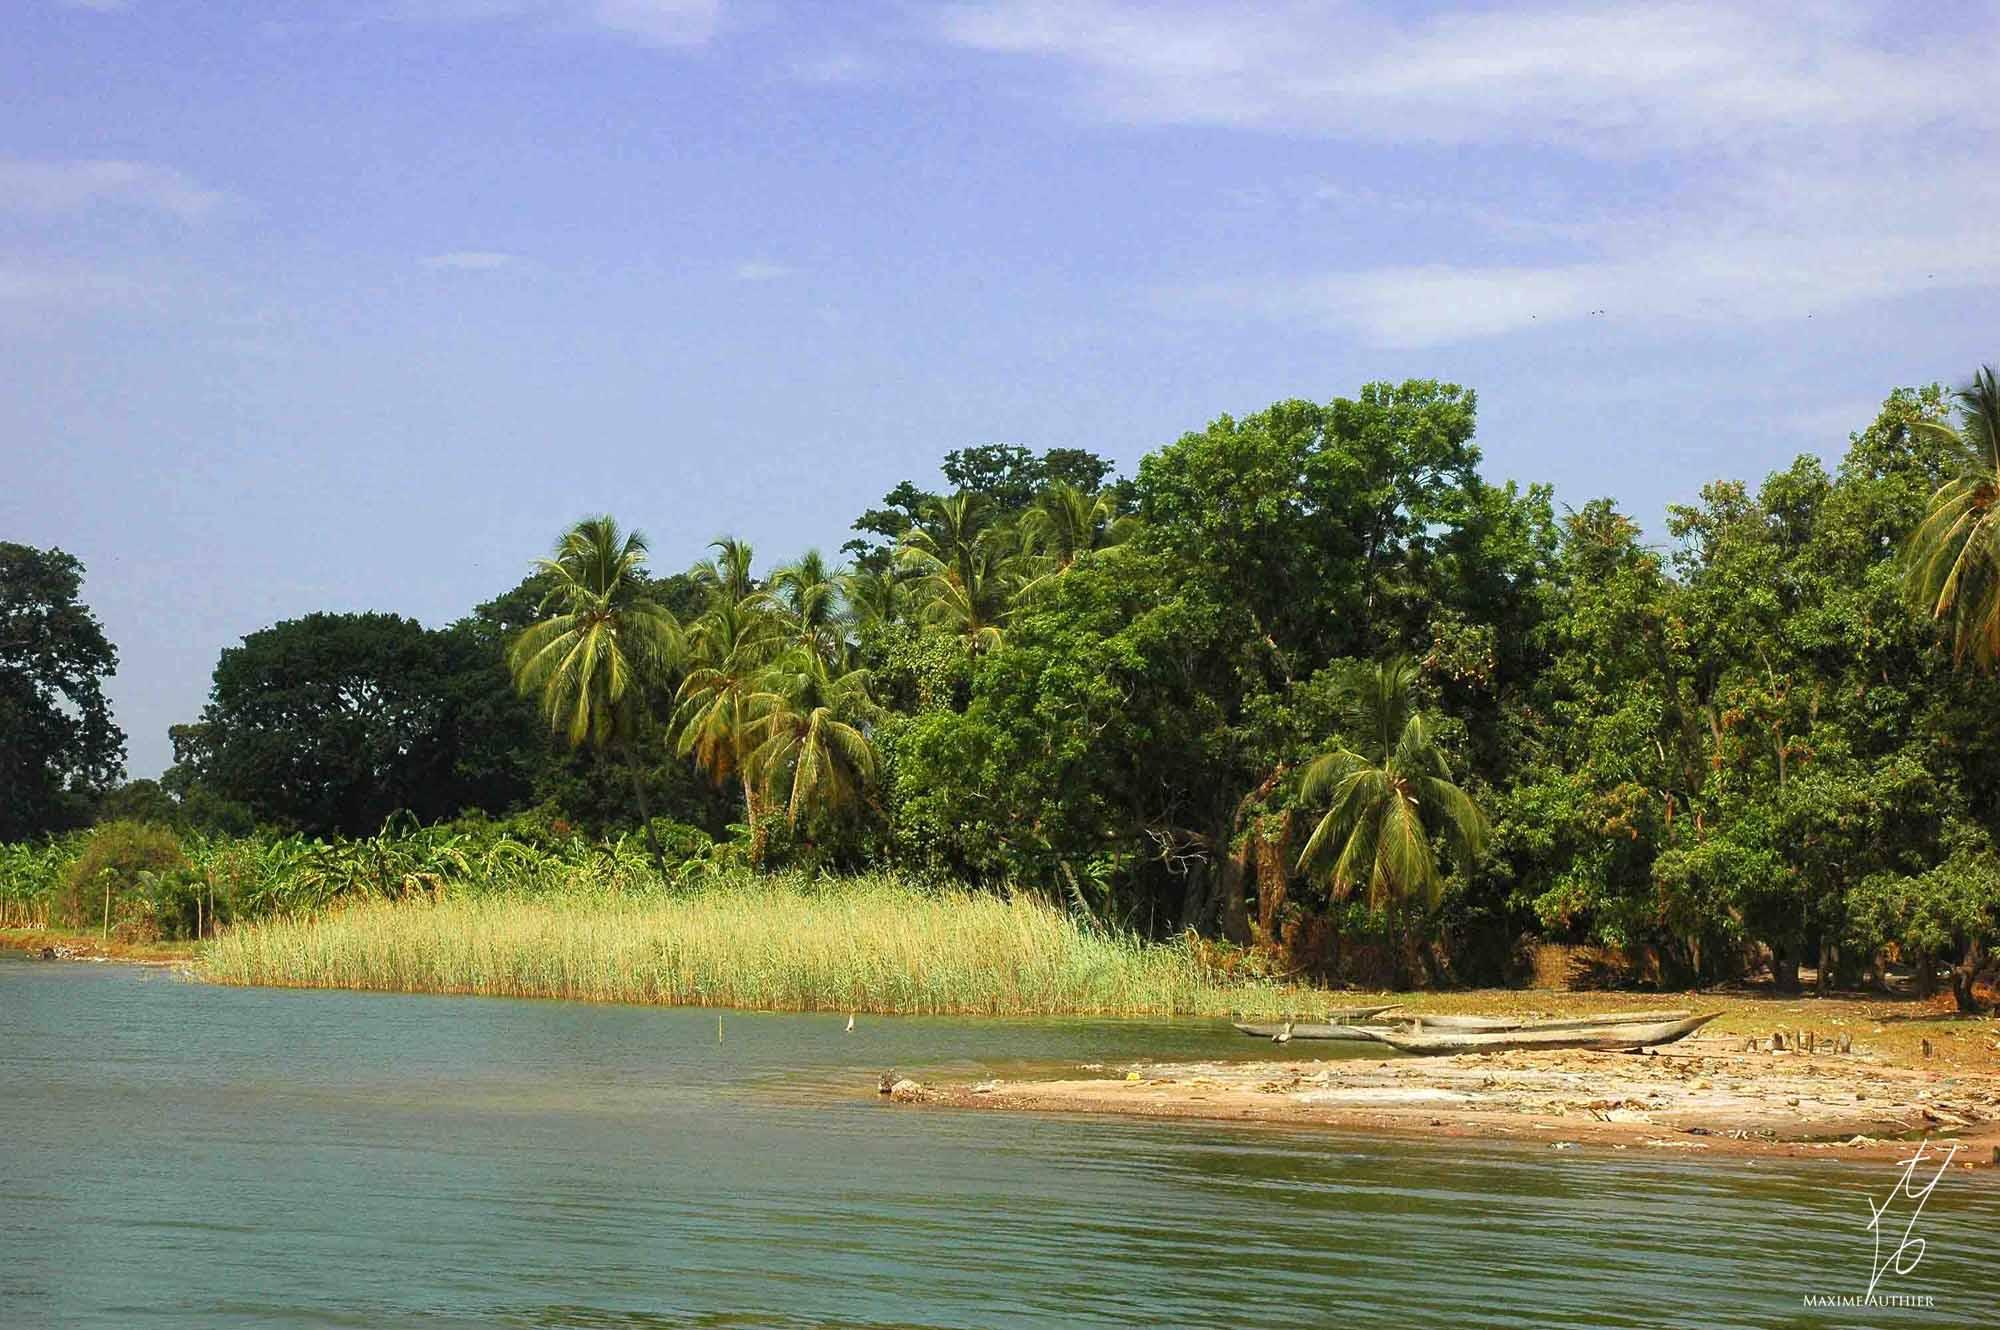 Photo de Maxime Authier de la Casamance, palmeraies, forêts et mangroves du Sénégal